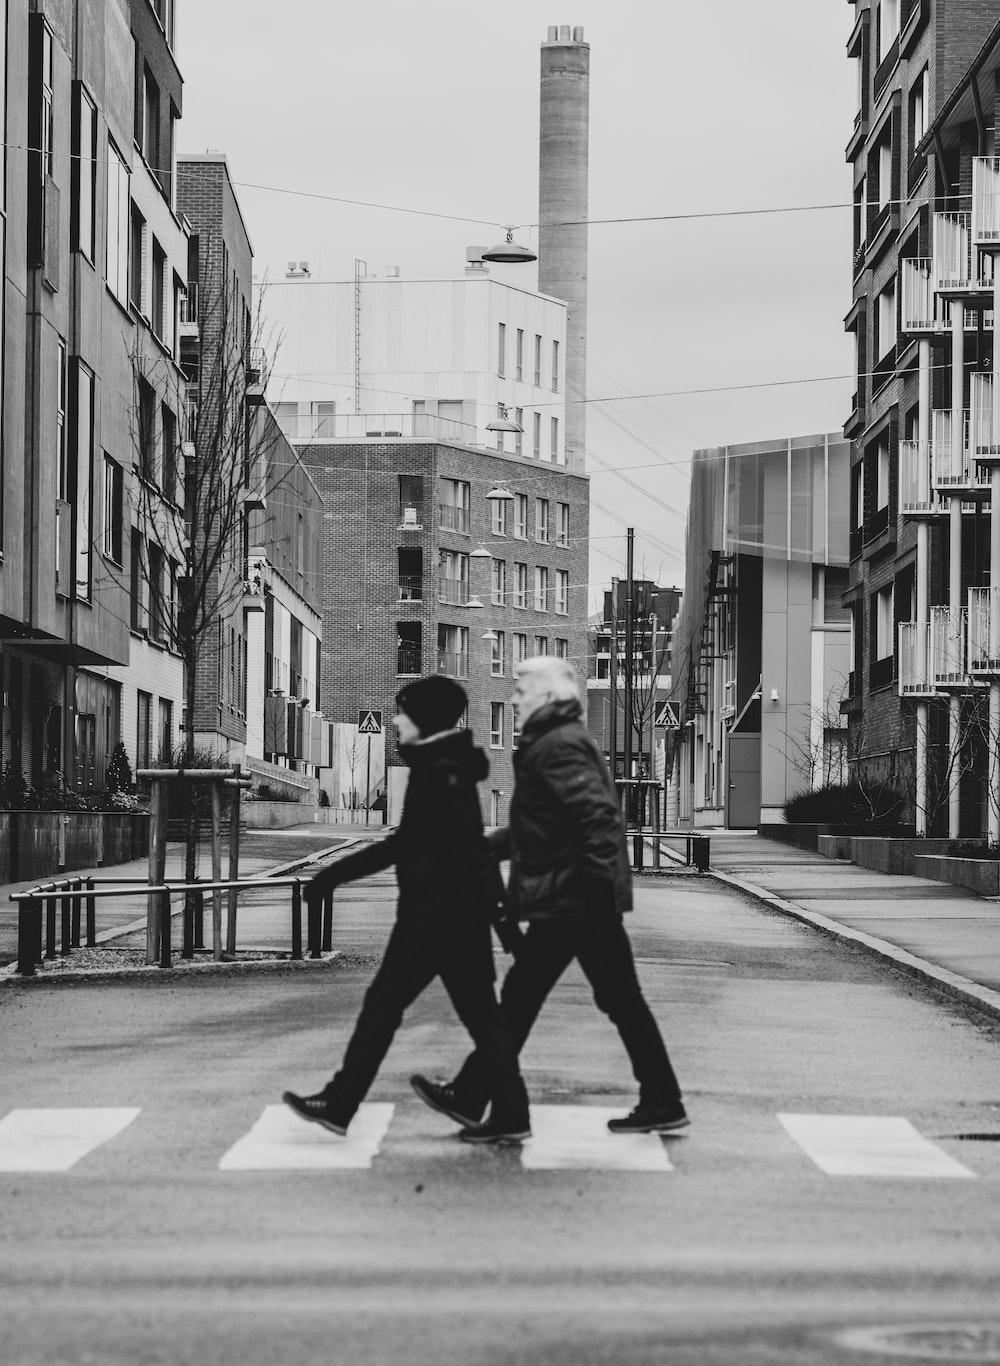 man in black jacket walking on sidewalk in grayscale photography